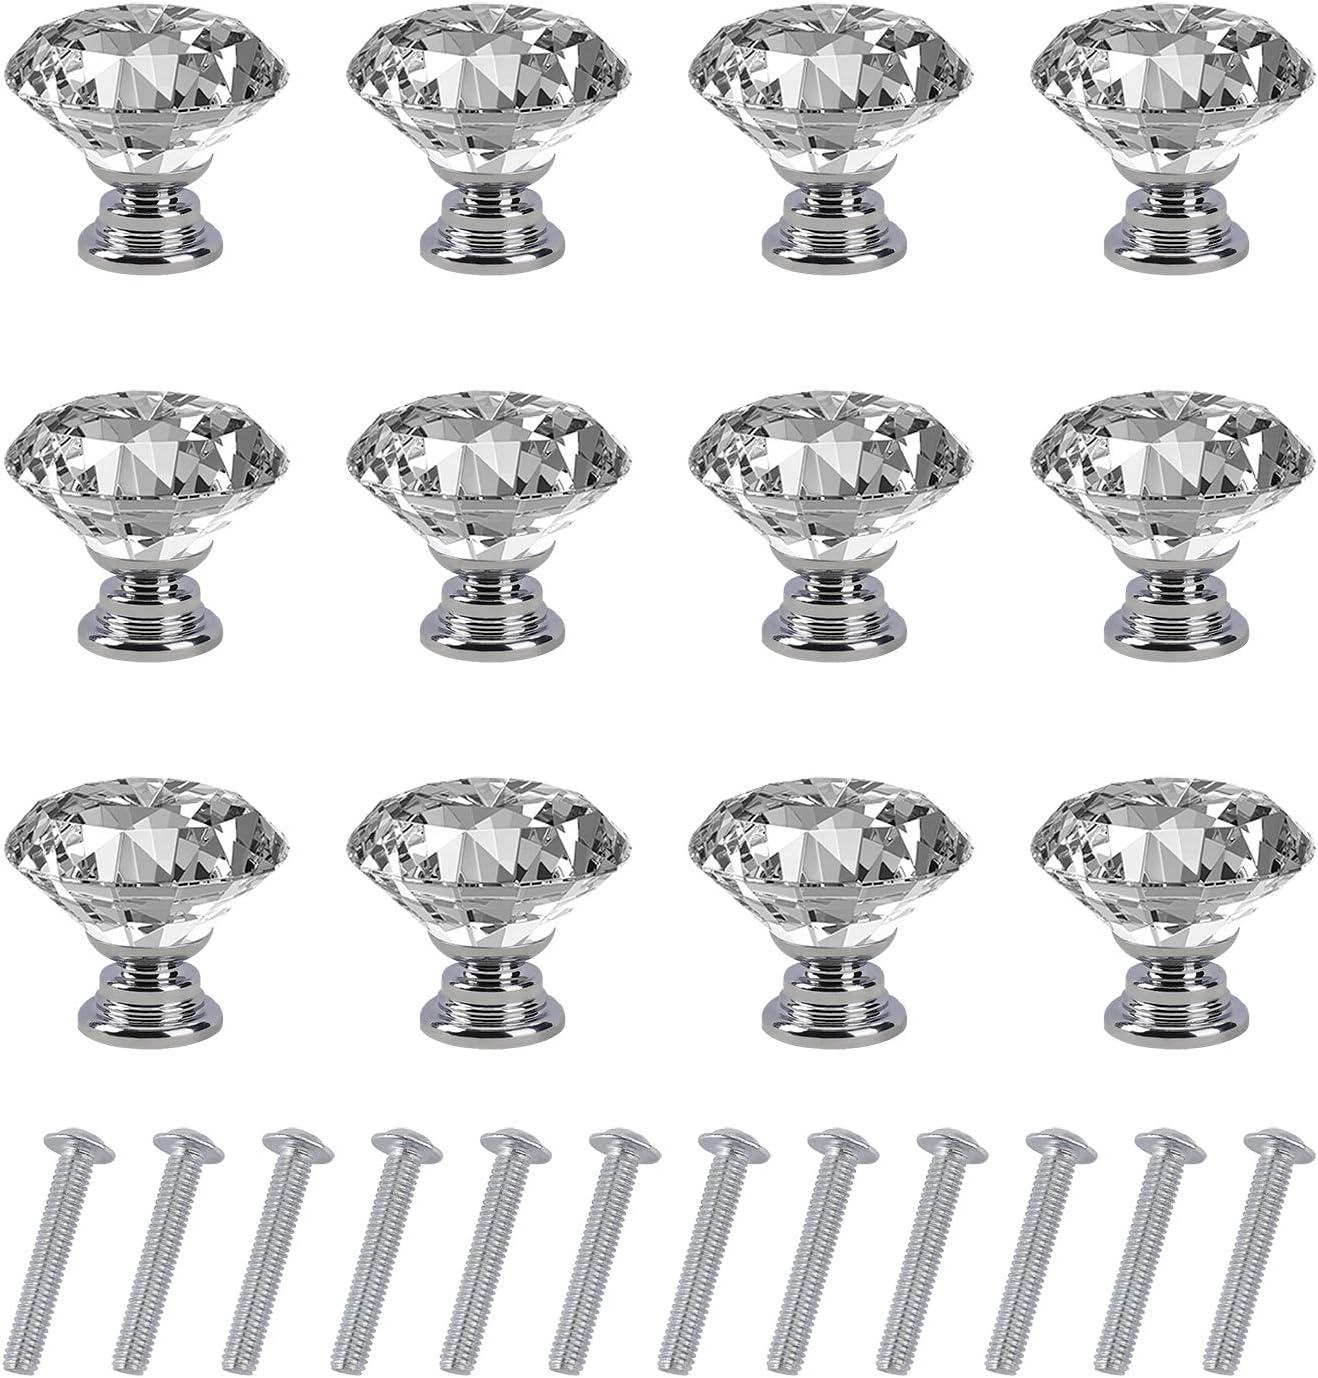 Pomo de Cristal Forma de Diamante Tiradores de Muebles Perilla de la Puerta con Tornillo Perillas Manijas para Armario Cajón Aparador Cocina 12 Piezas 30mm